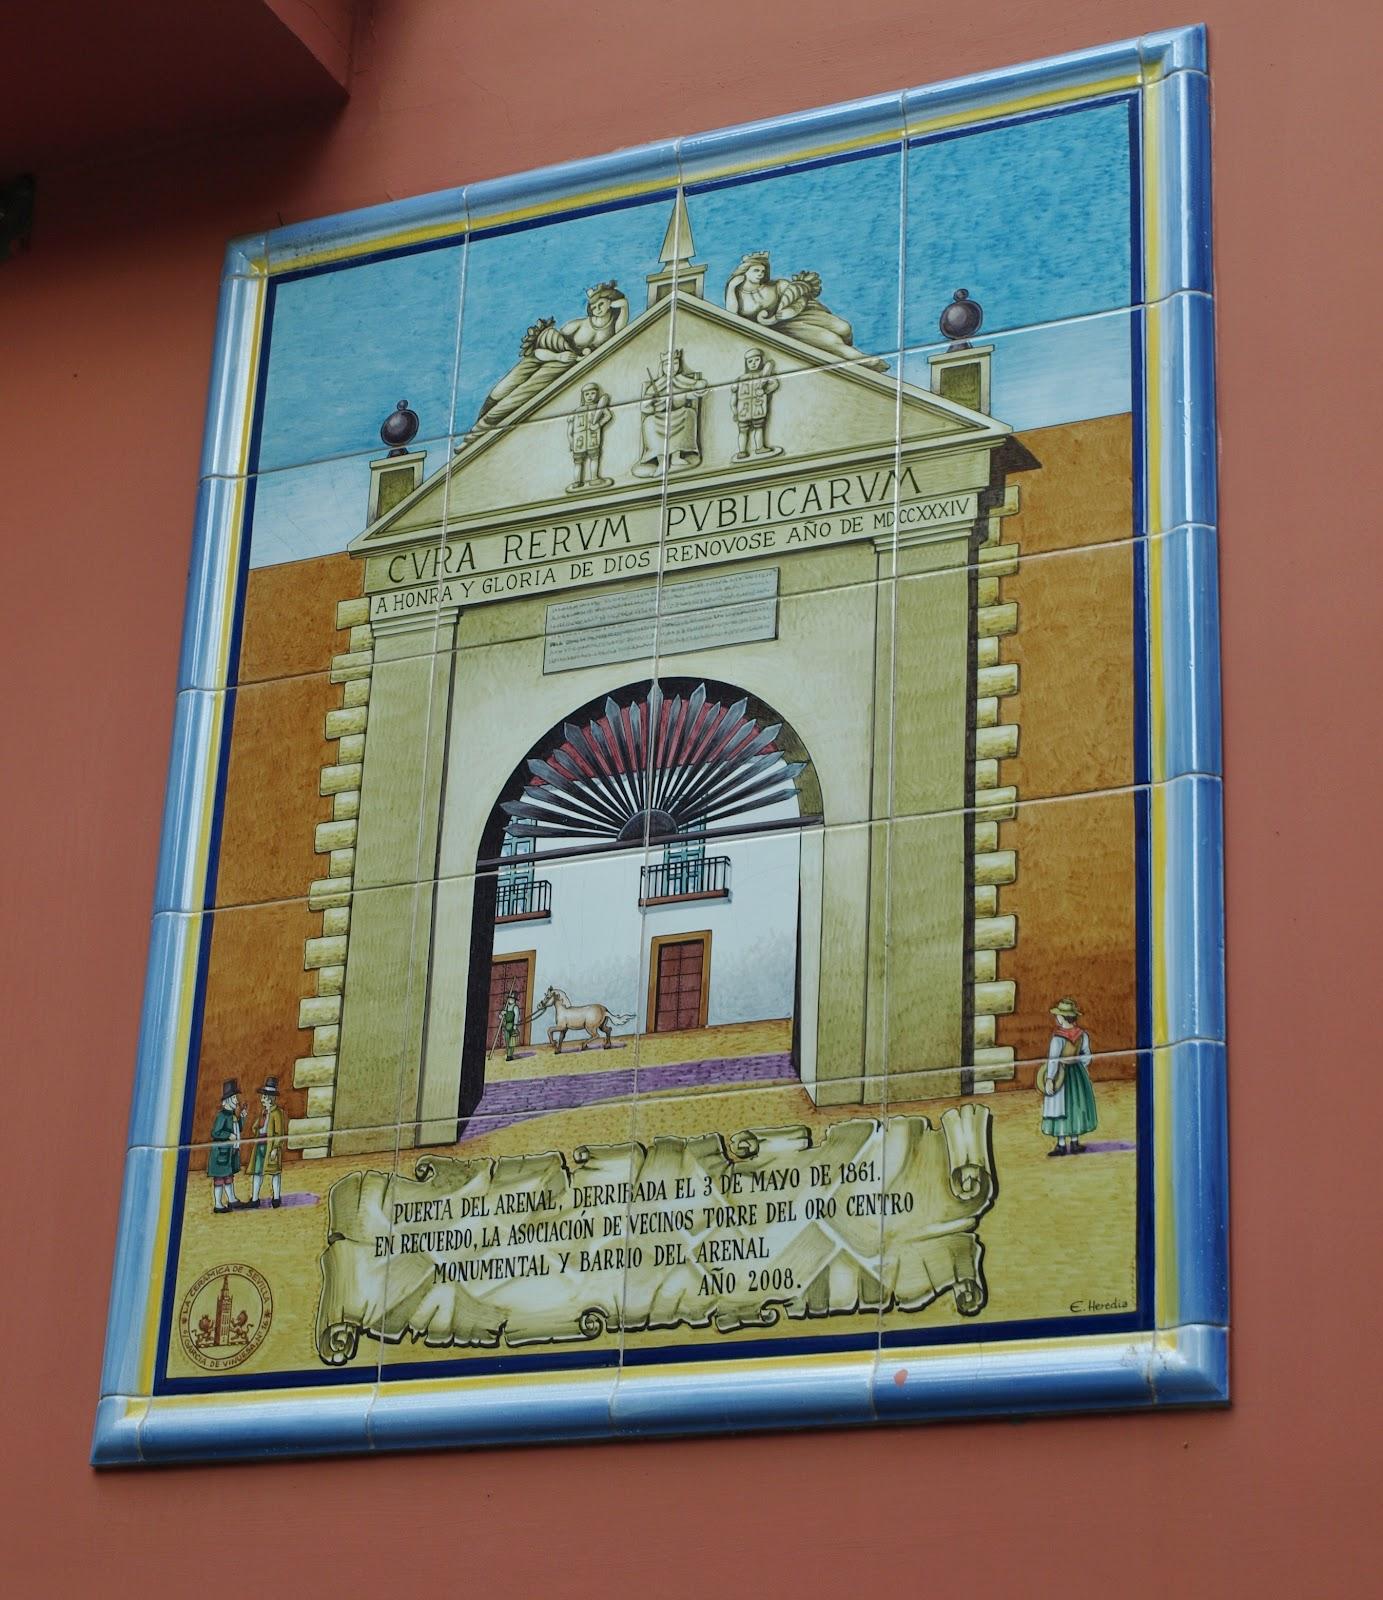 Zarabanda caf pregunta 3 de mayo paseando por sevilla for Puerta 7 campo de mayo